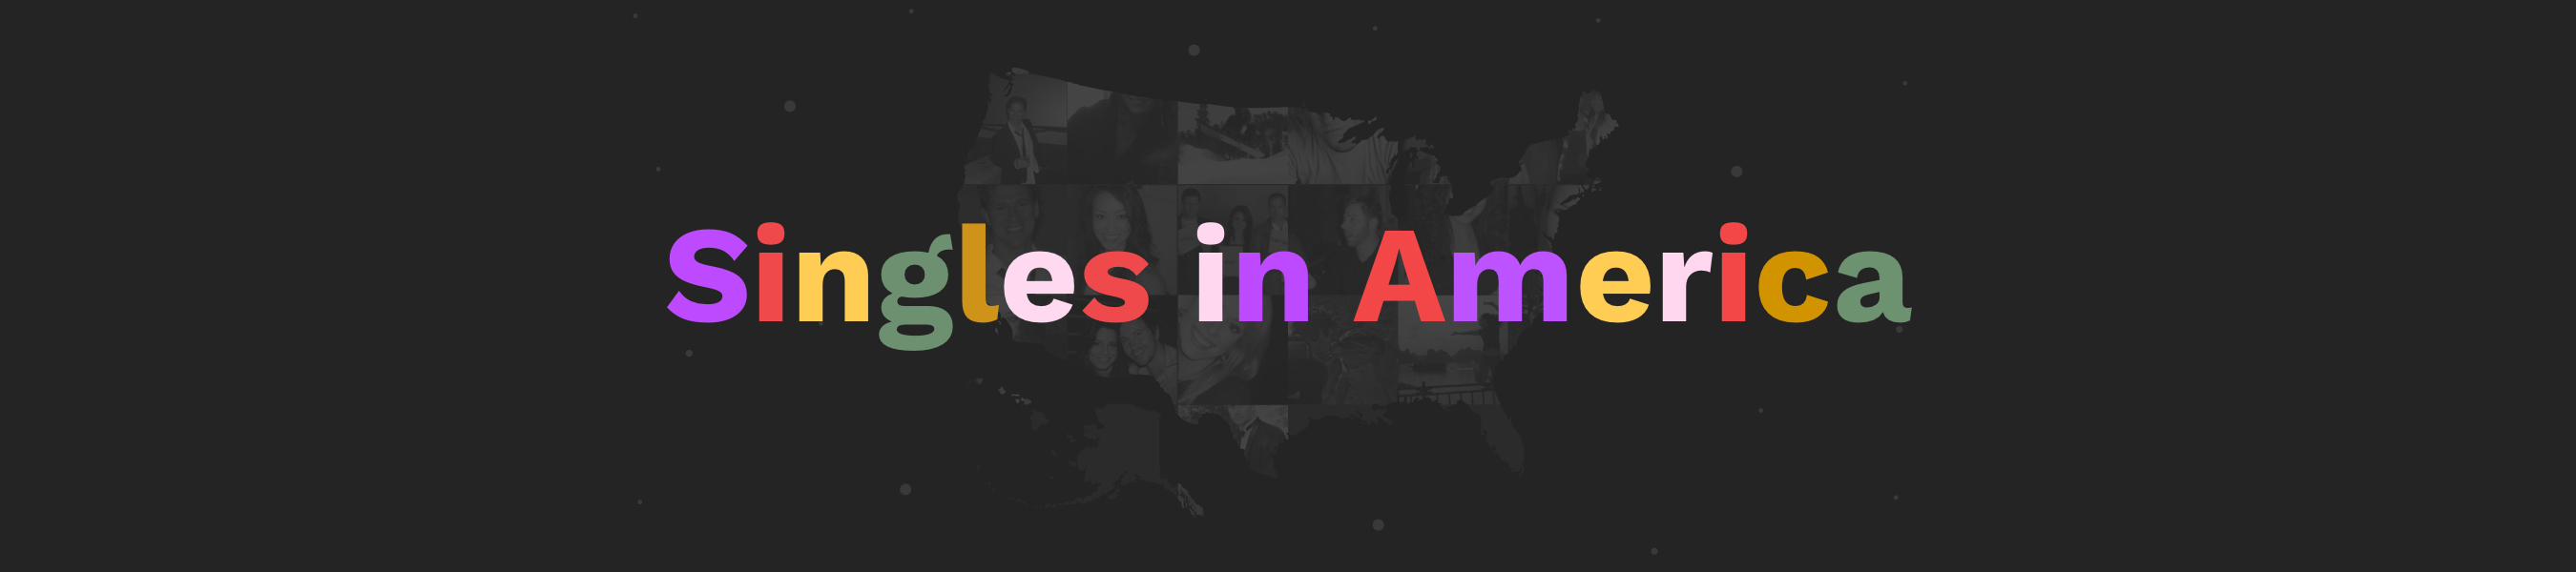 Match com singles in america